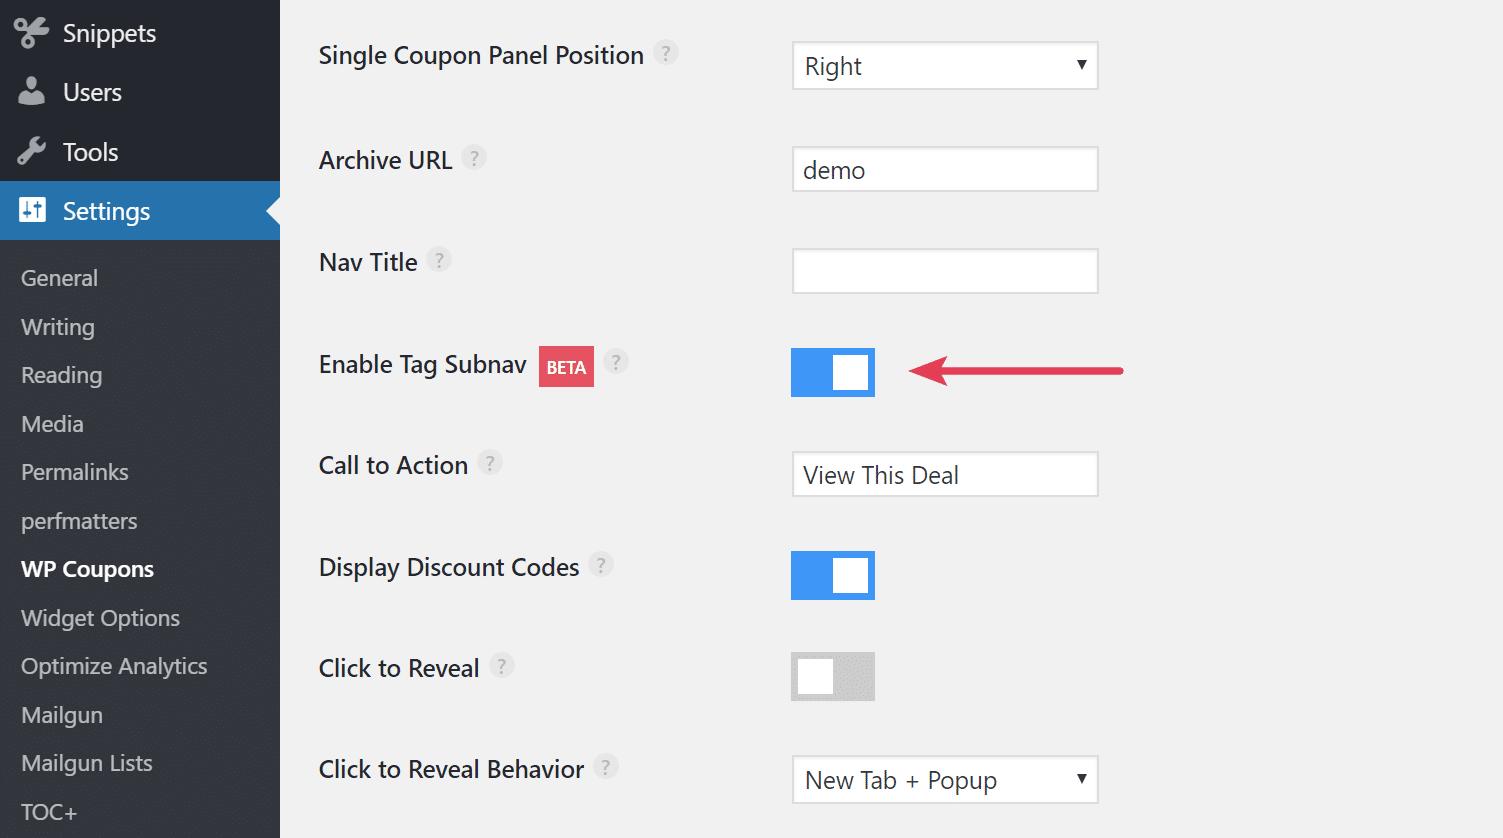 Enable tag sub-navigation menu